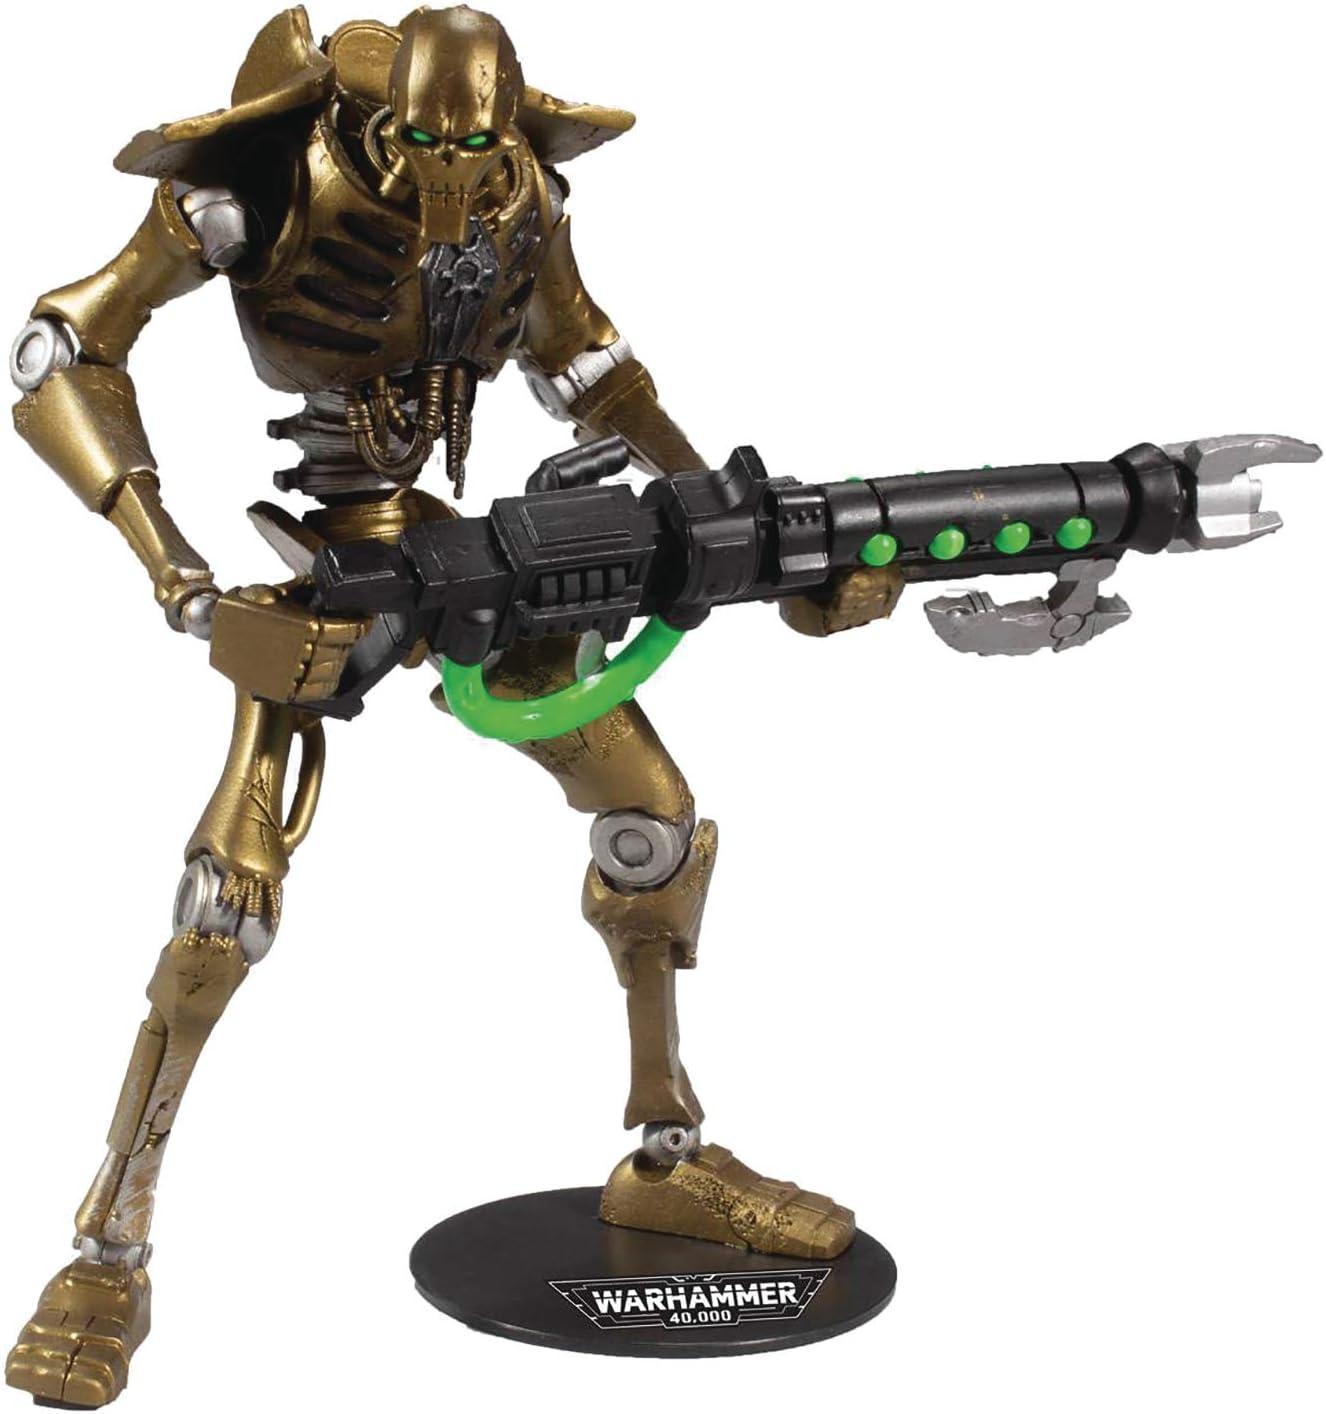 Mcfarlane Warhammer 40 000 Necron Warrior 7 Actionfigur Spielzeug